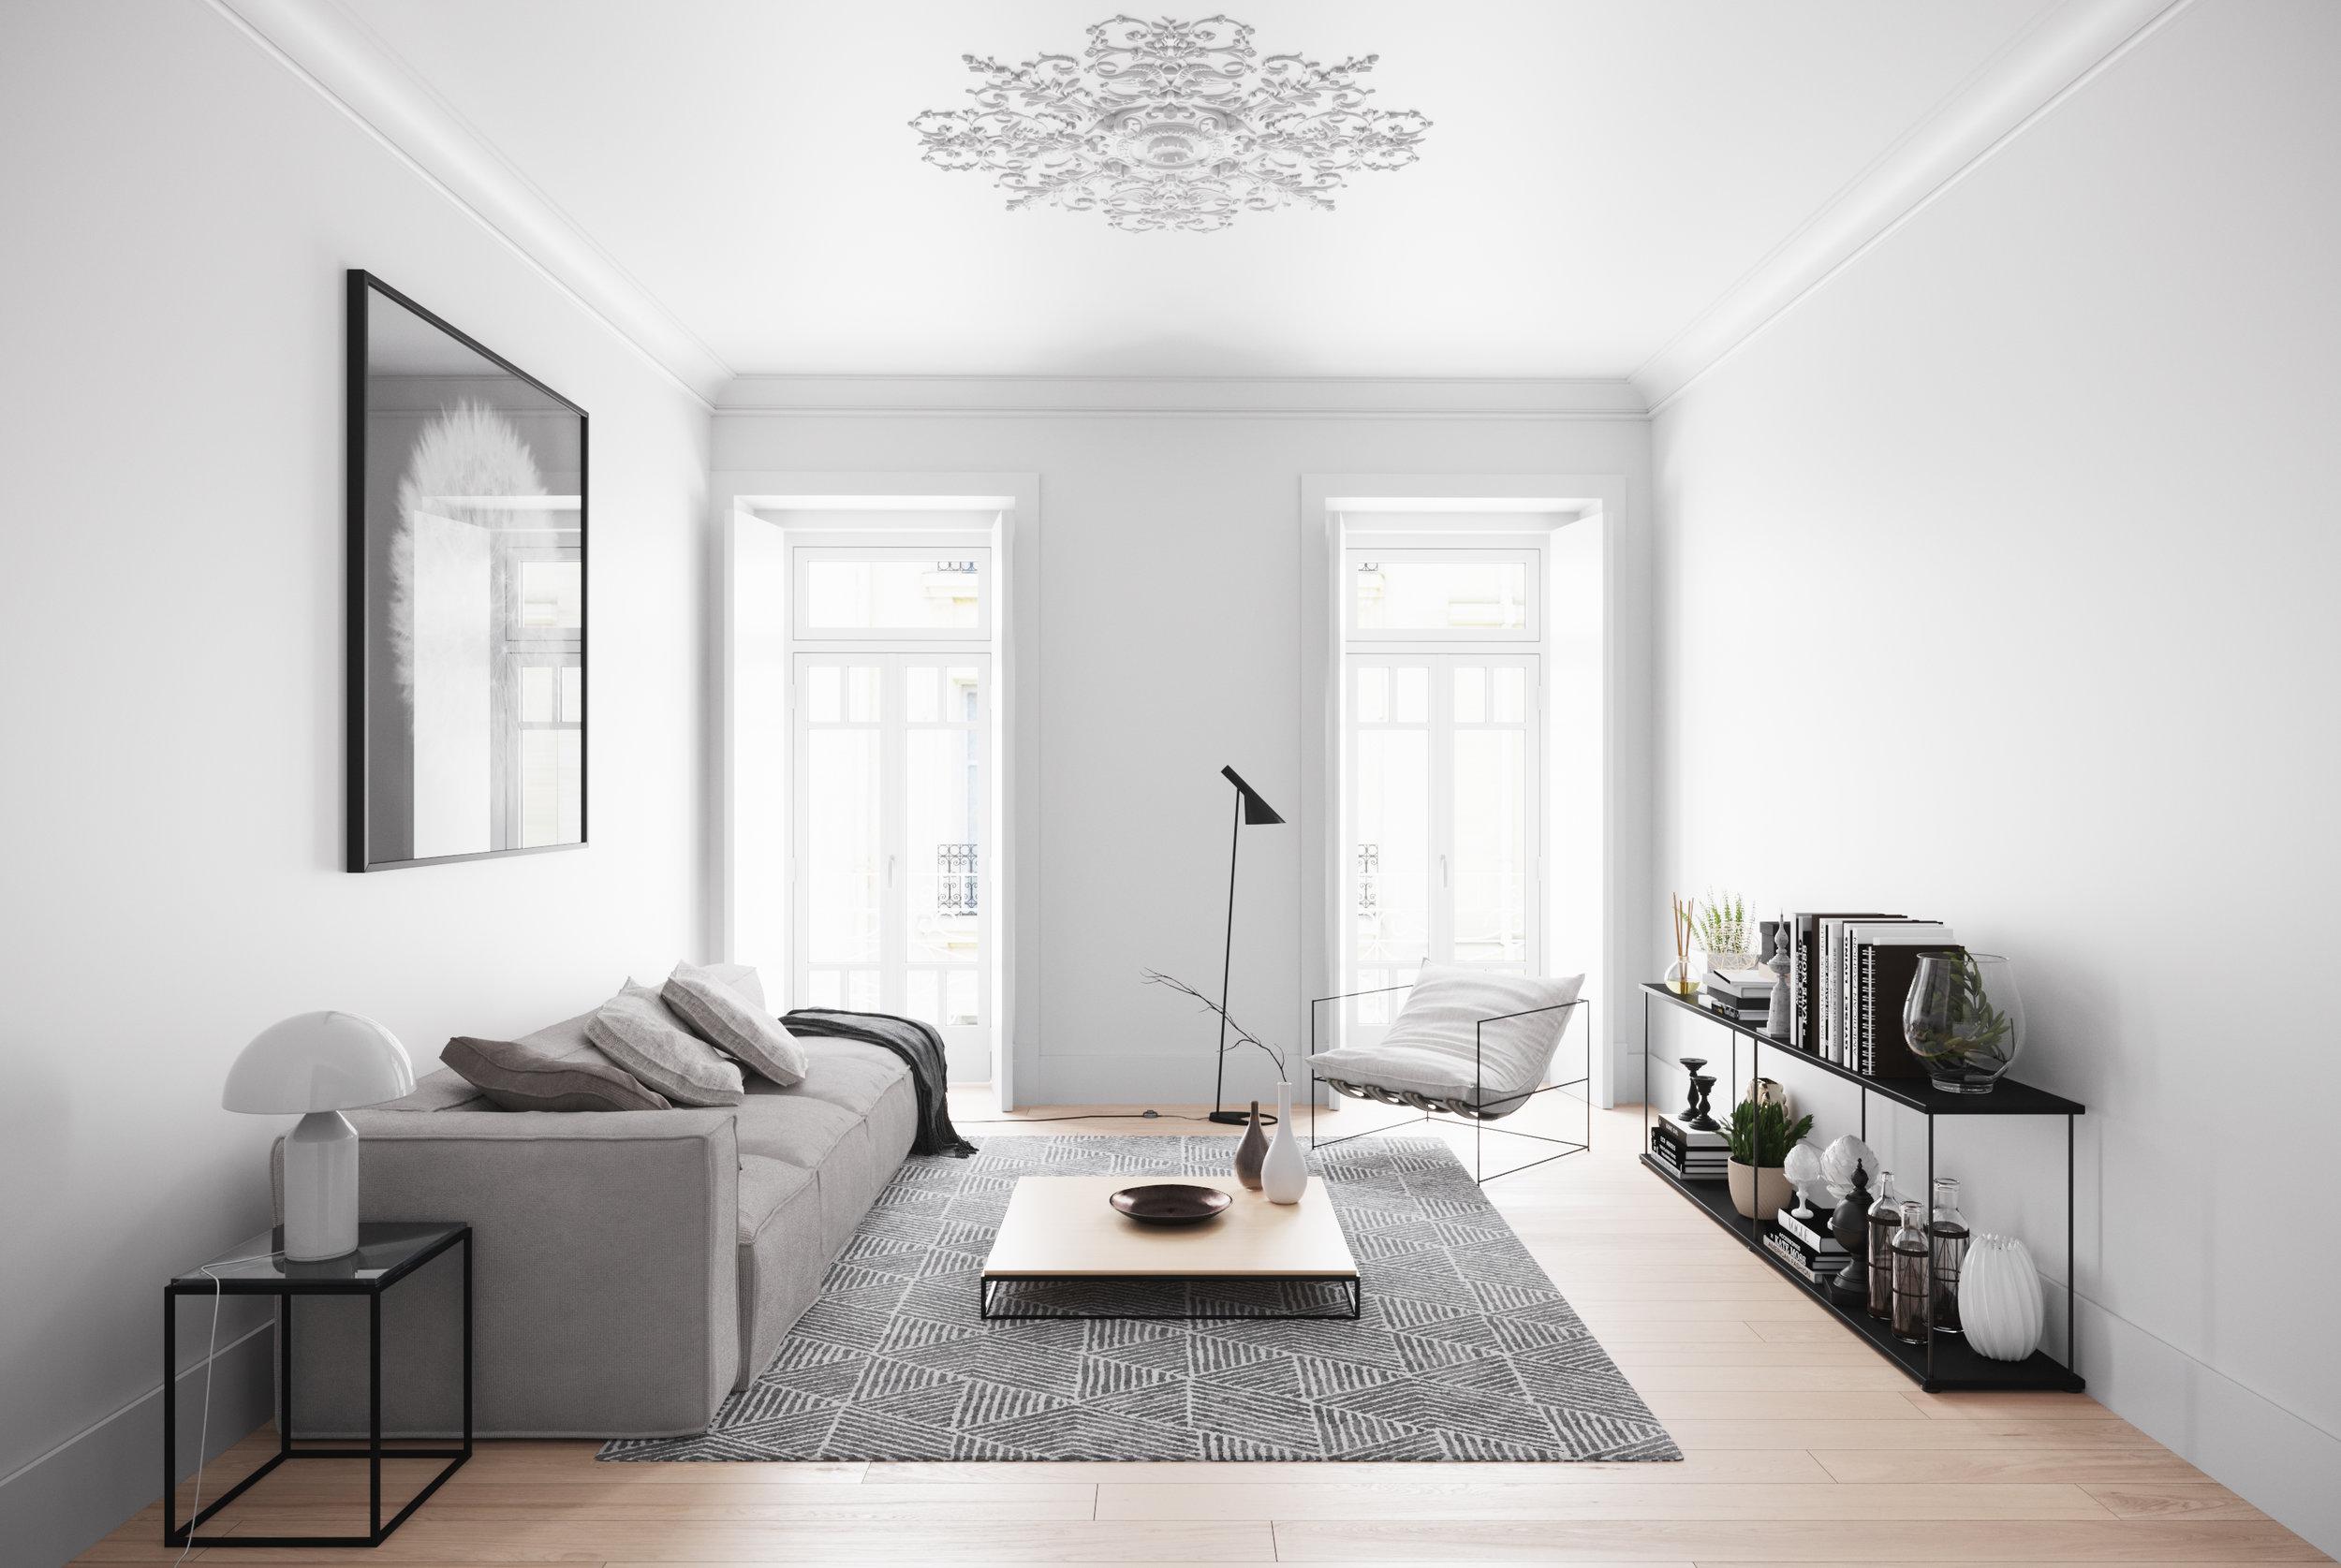 Cardiff 28 - Livingroom T1.jpg